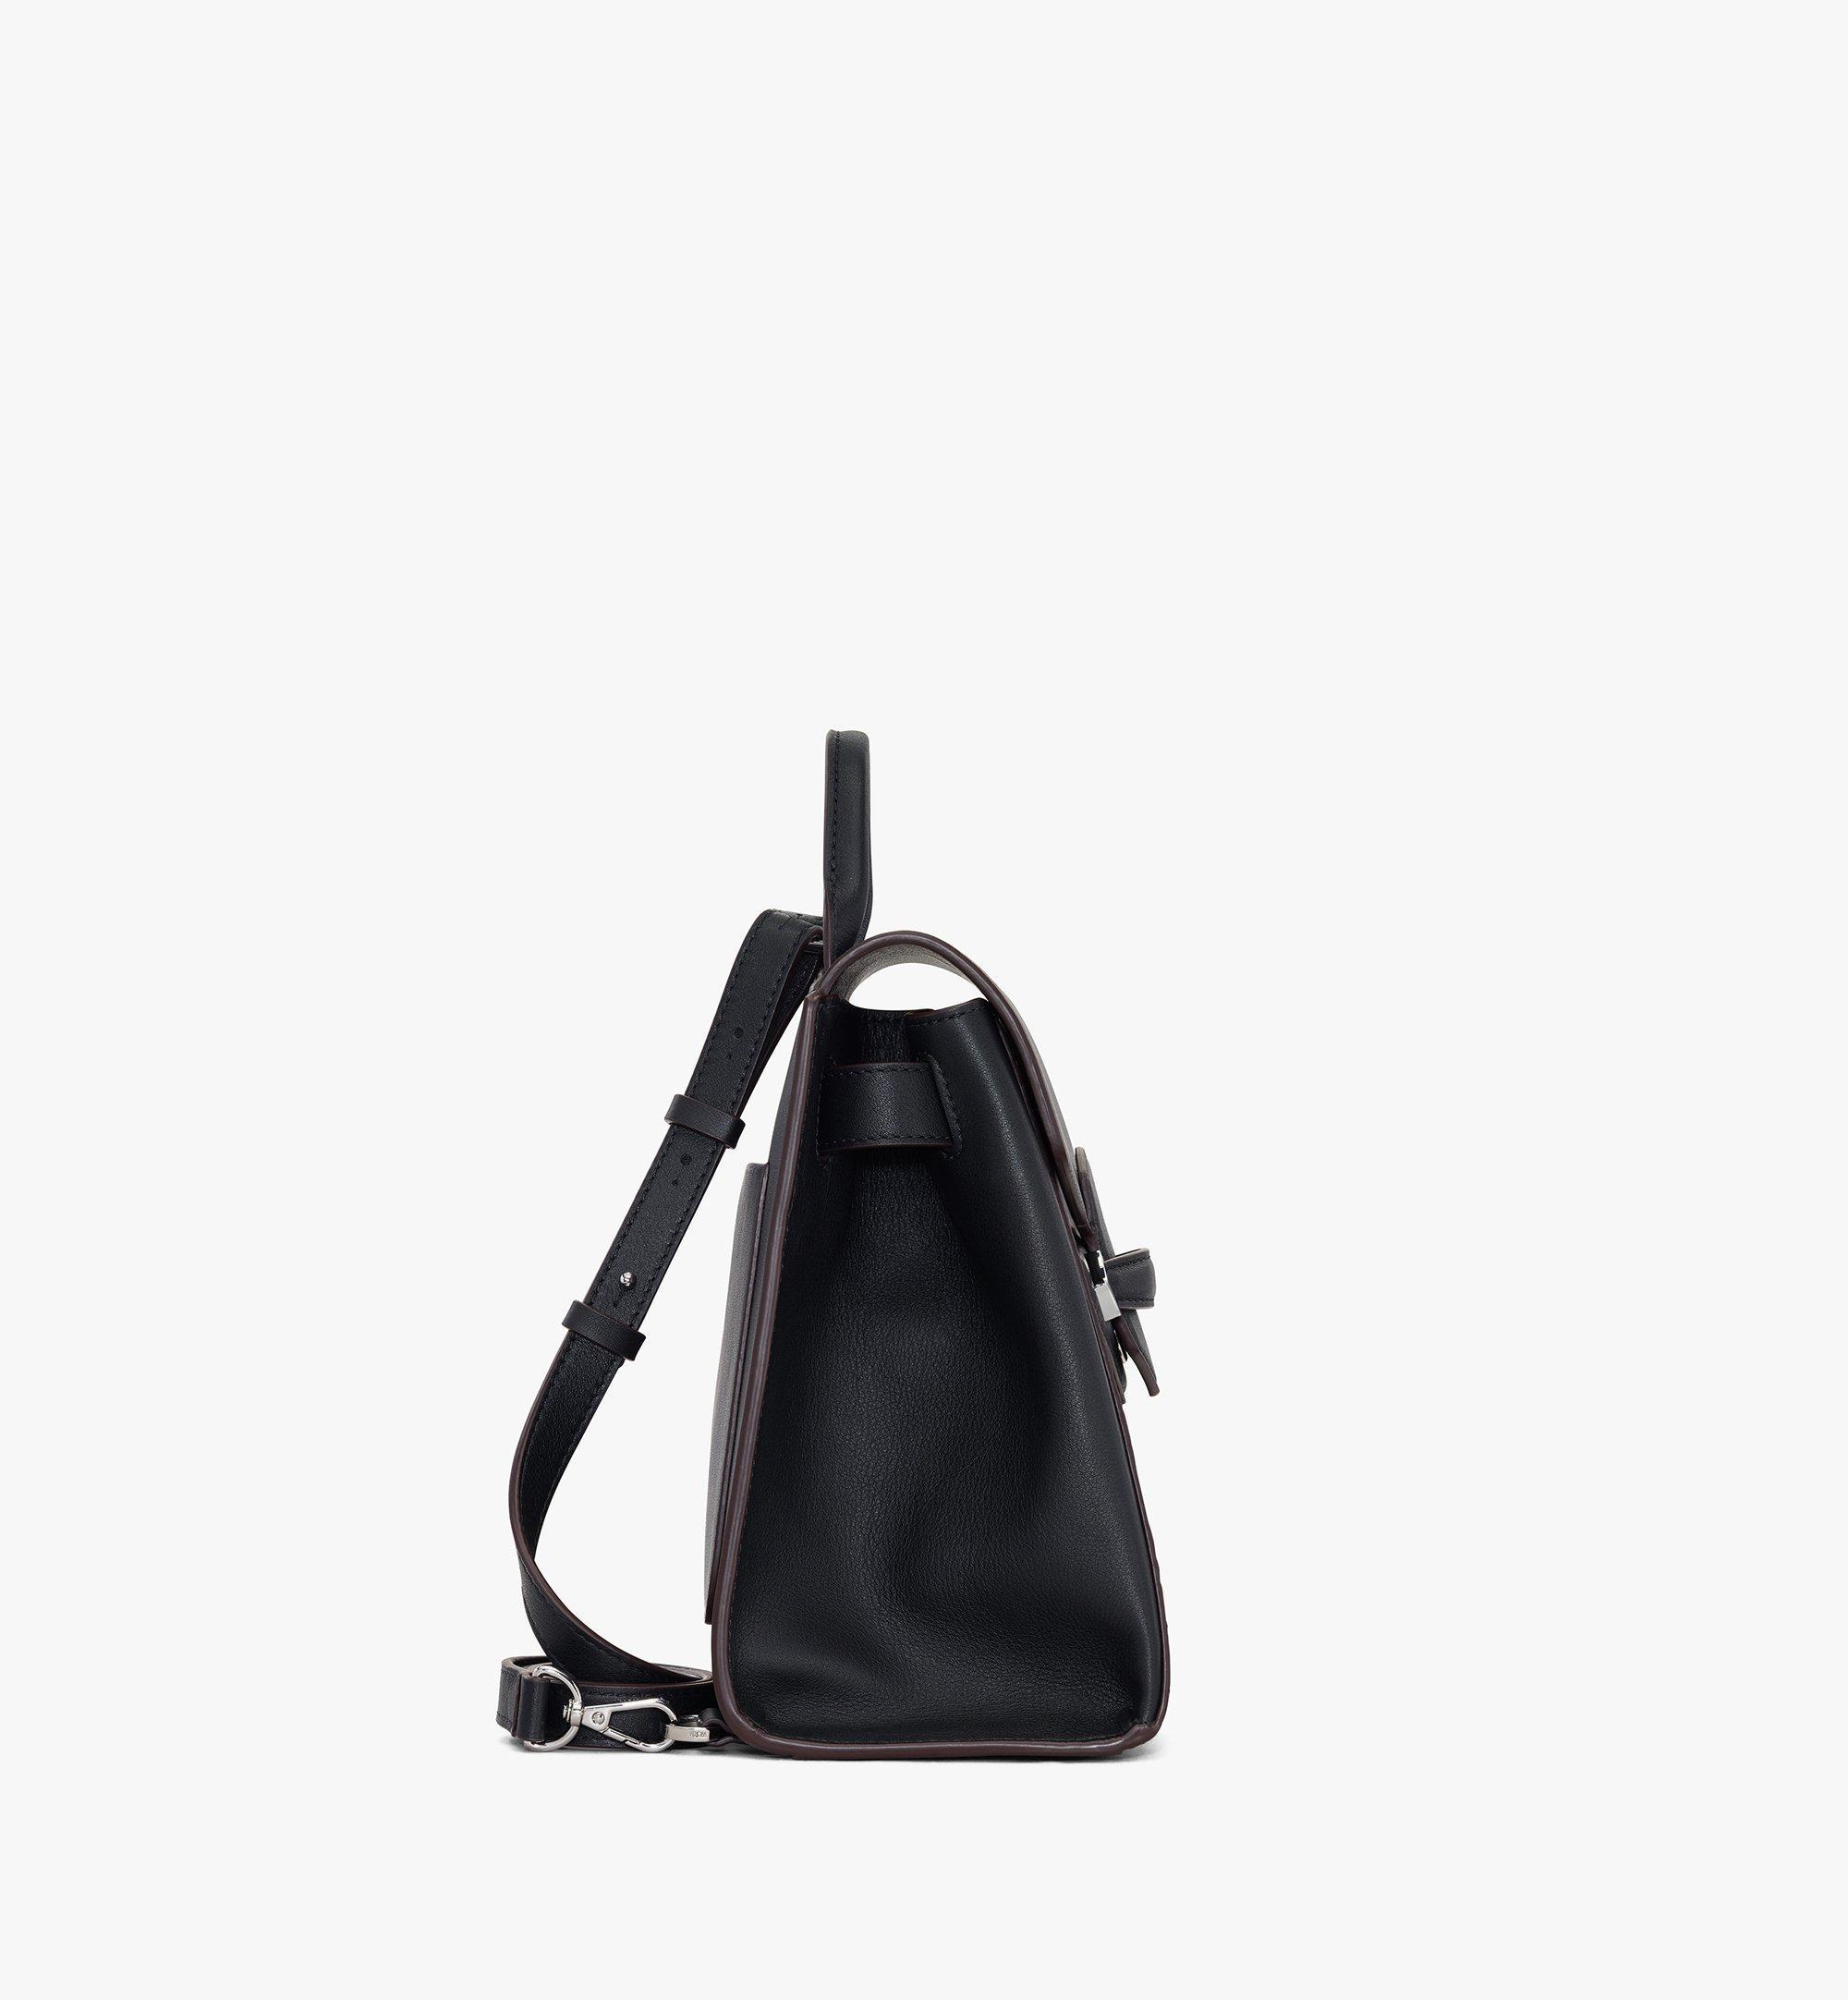 MCM Essential Backpack in Visetos Original Black MWKASSE02BK001 Alternate View 2